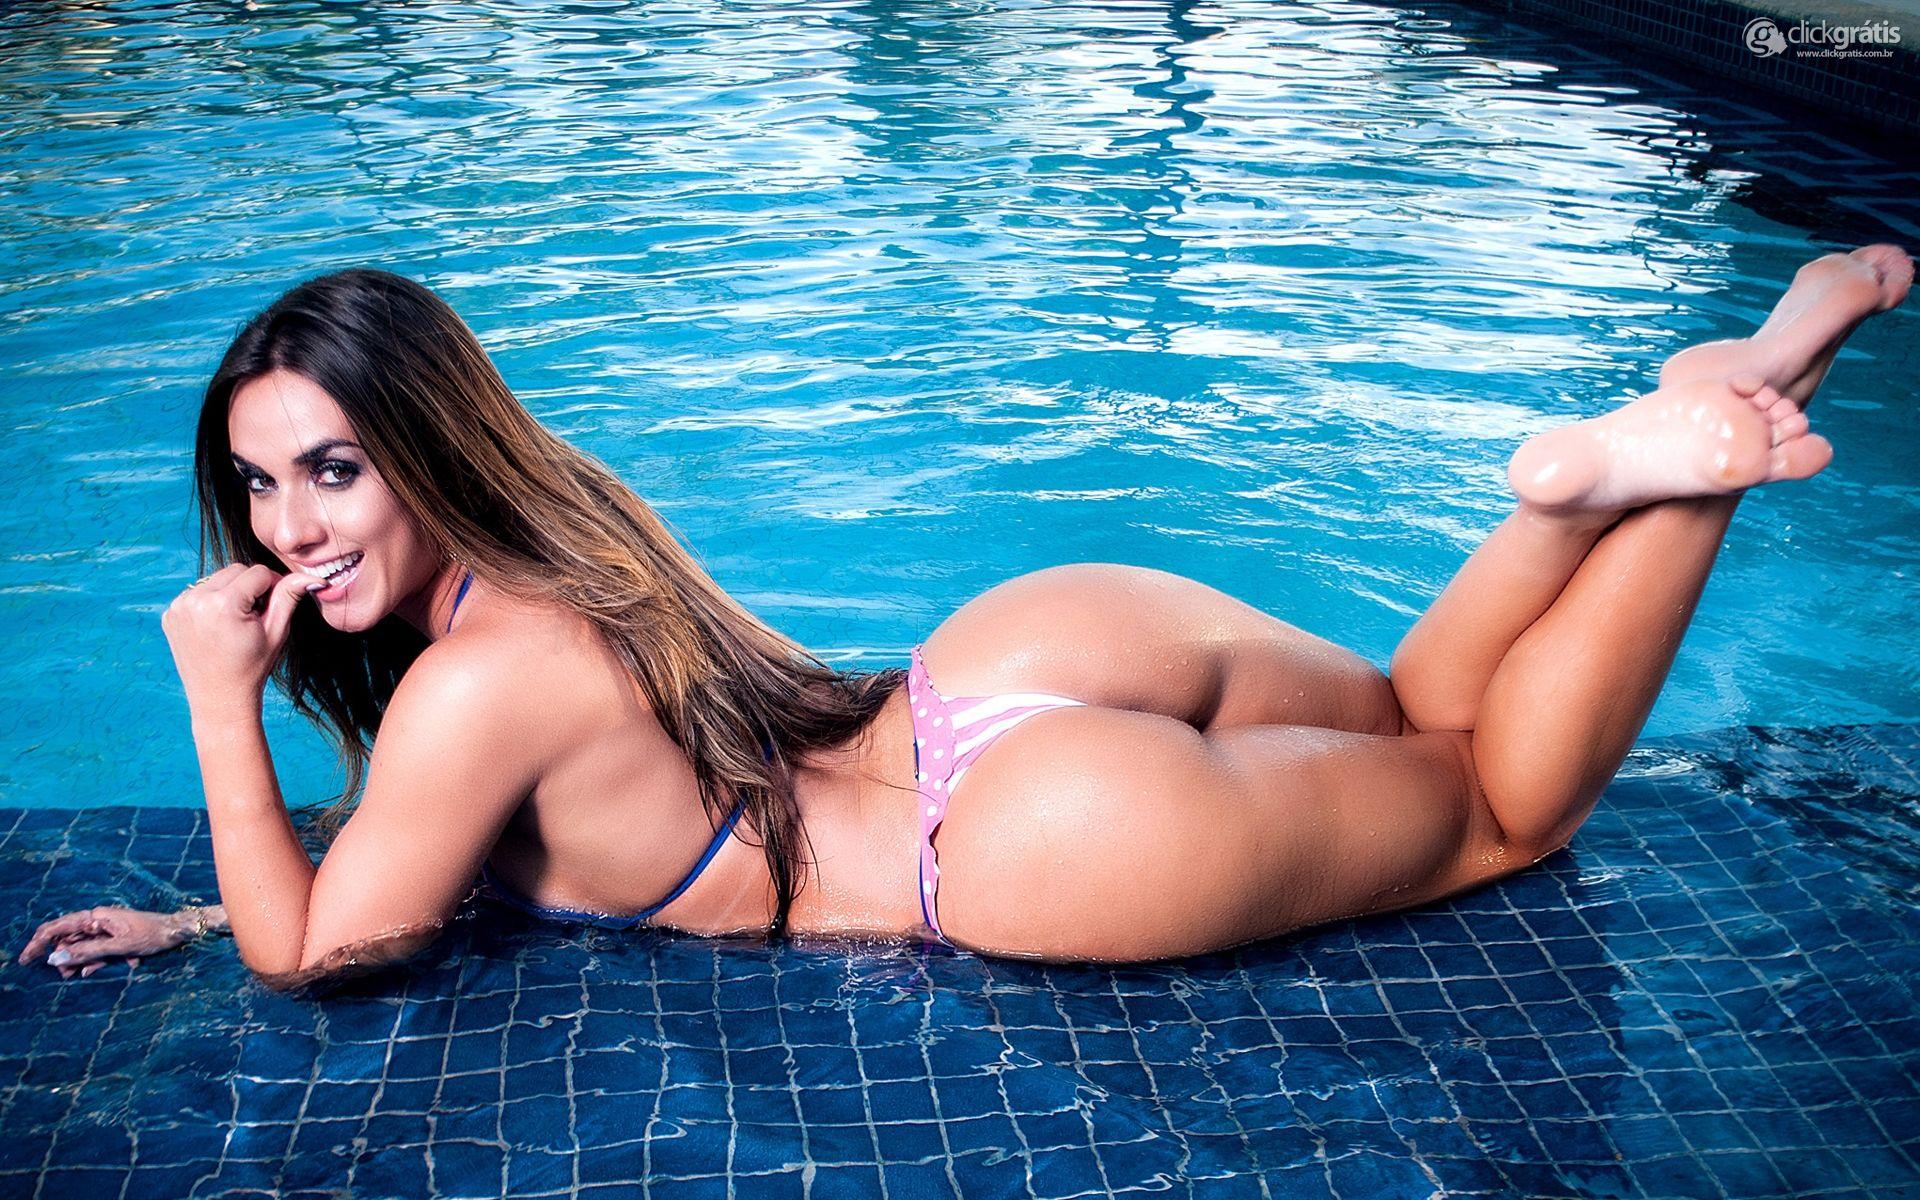 Фото голых девочек а бассейне 3 фотография